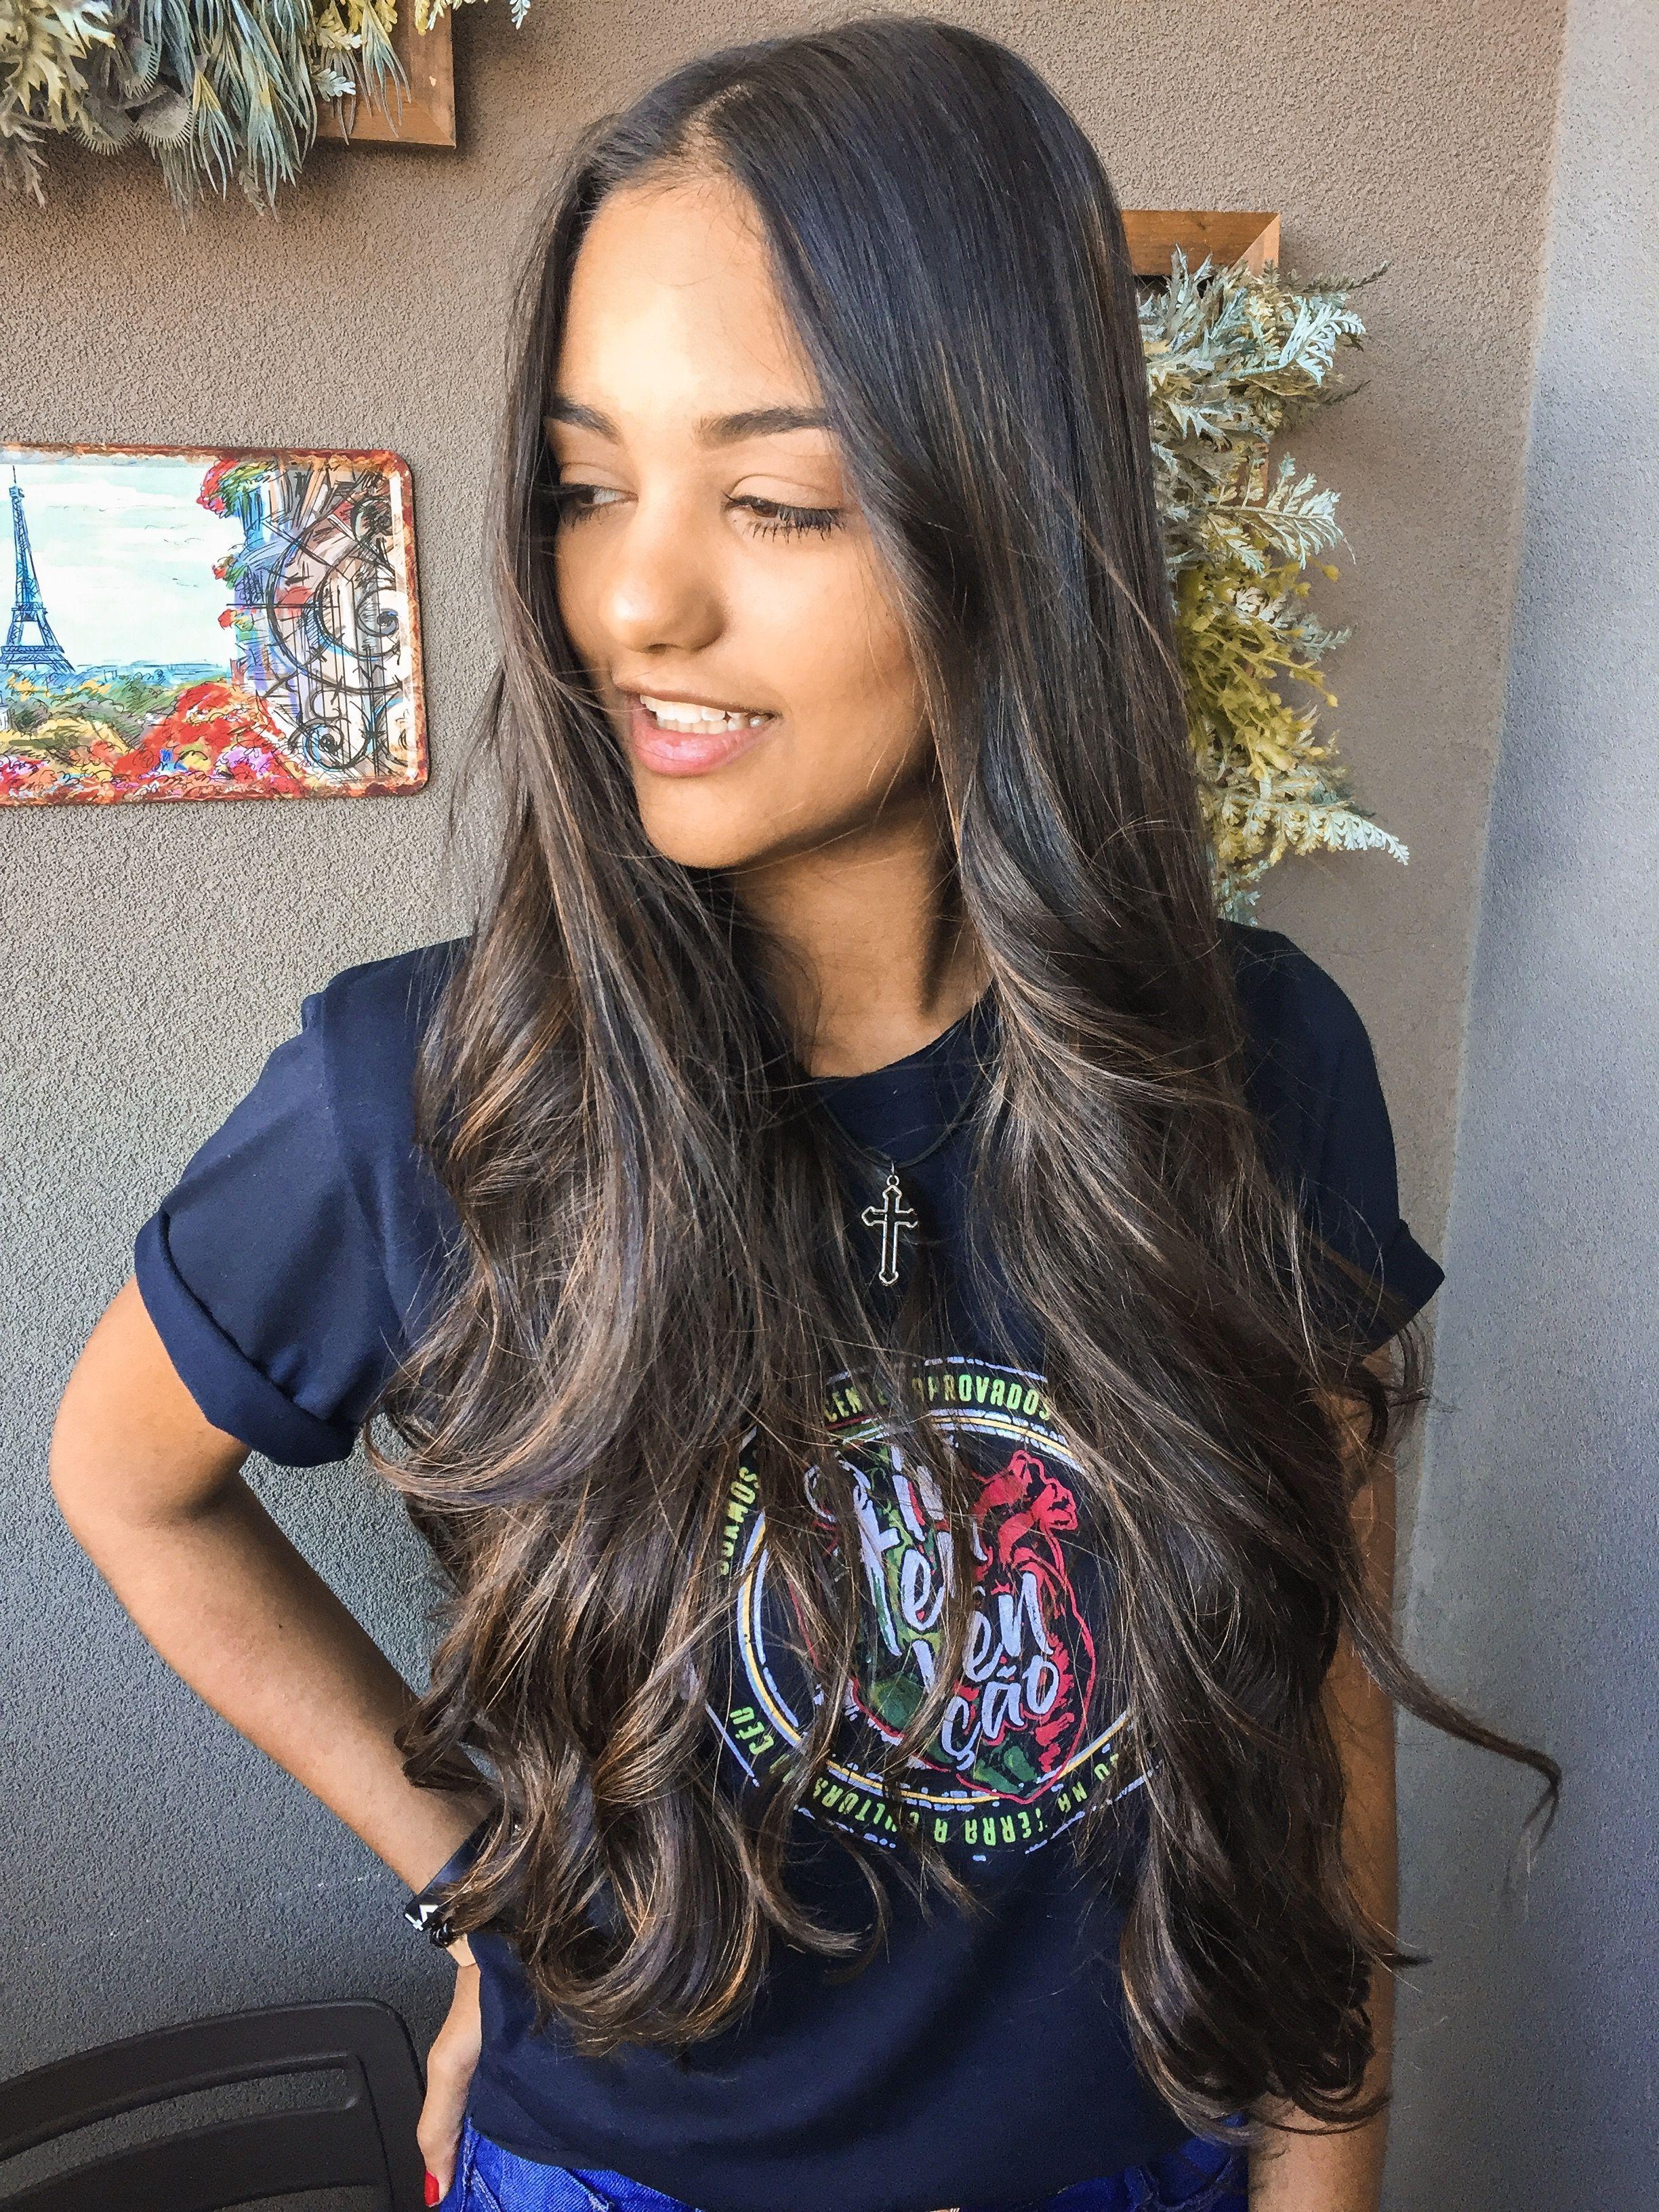 Pin by Luliee🐹 on Meus conteúdos | Latest bob hairstyles